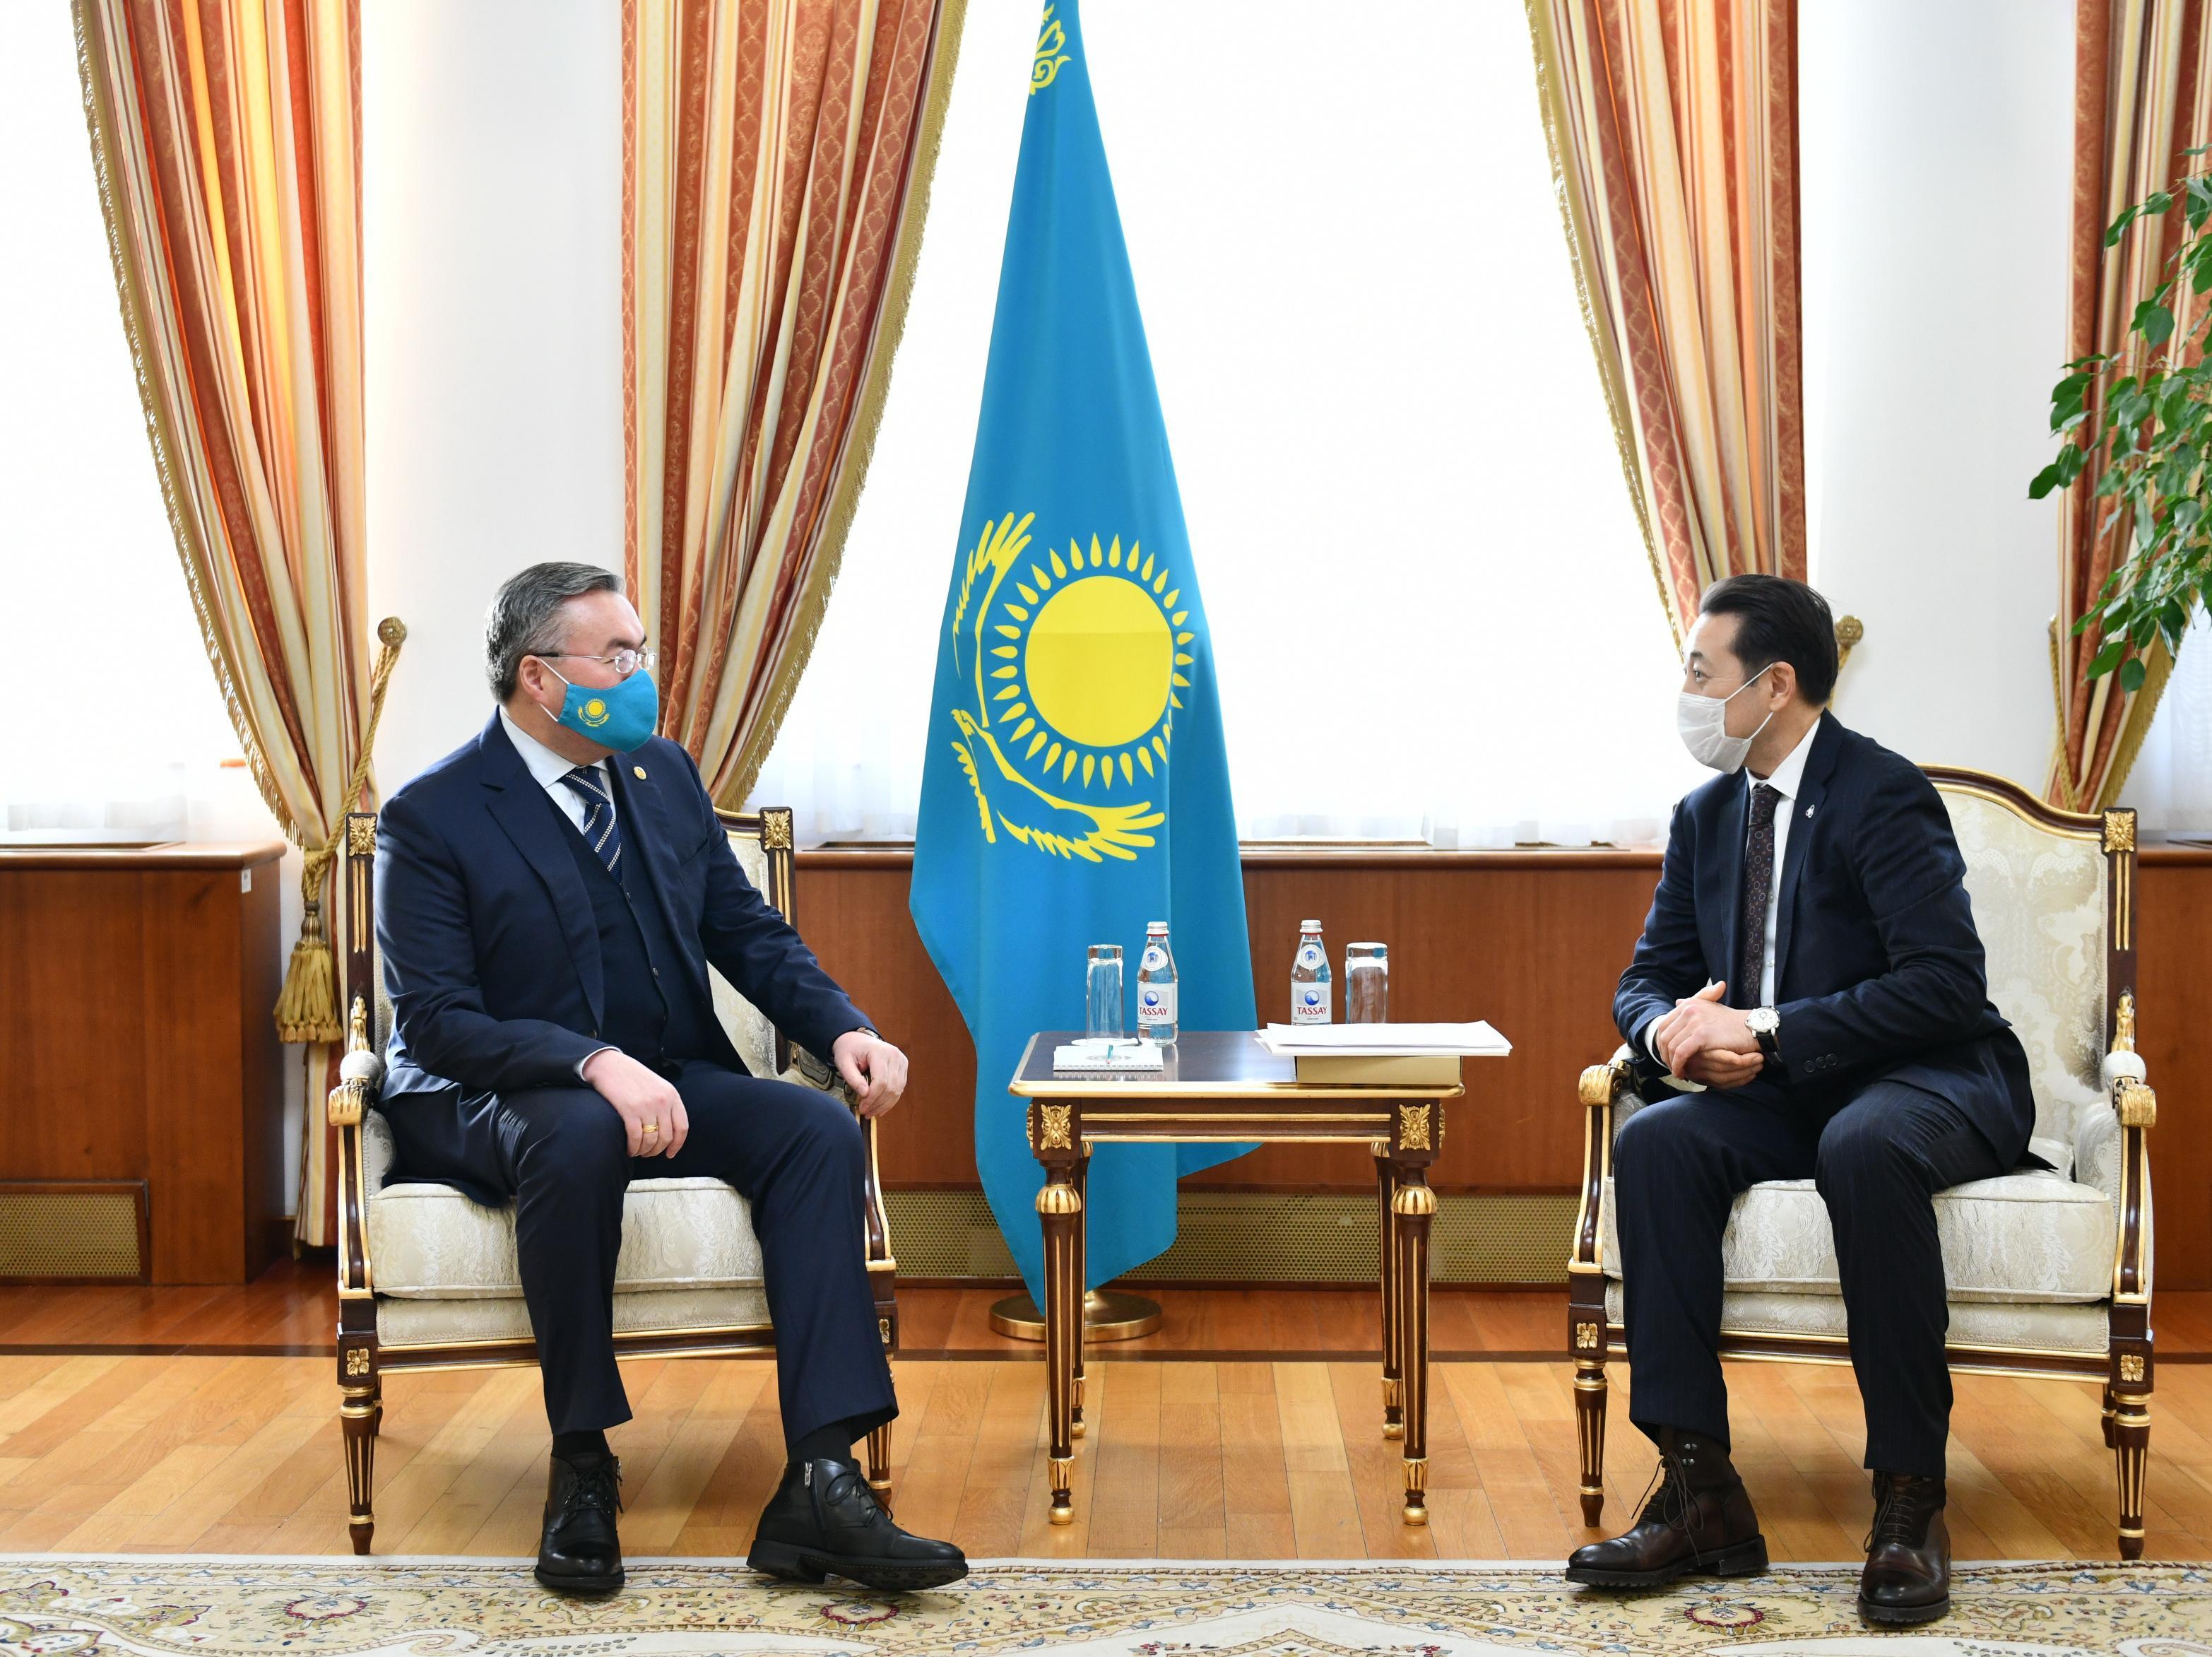 外交部长会见亚信会议秘书处执行主任